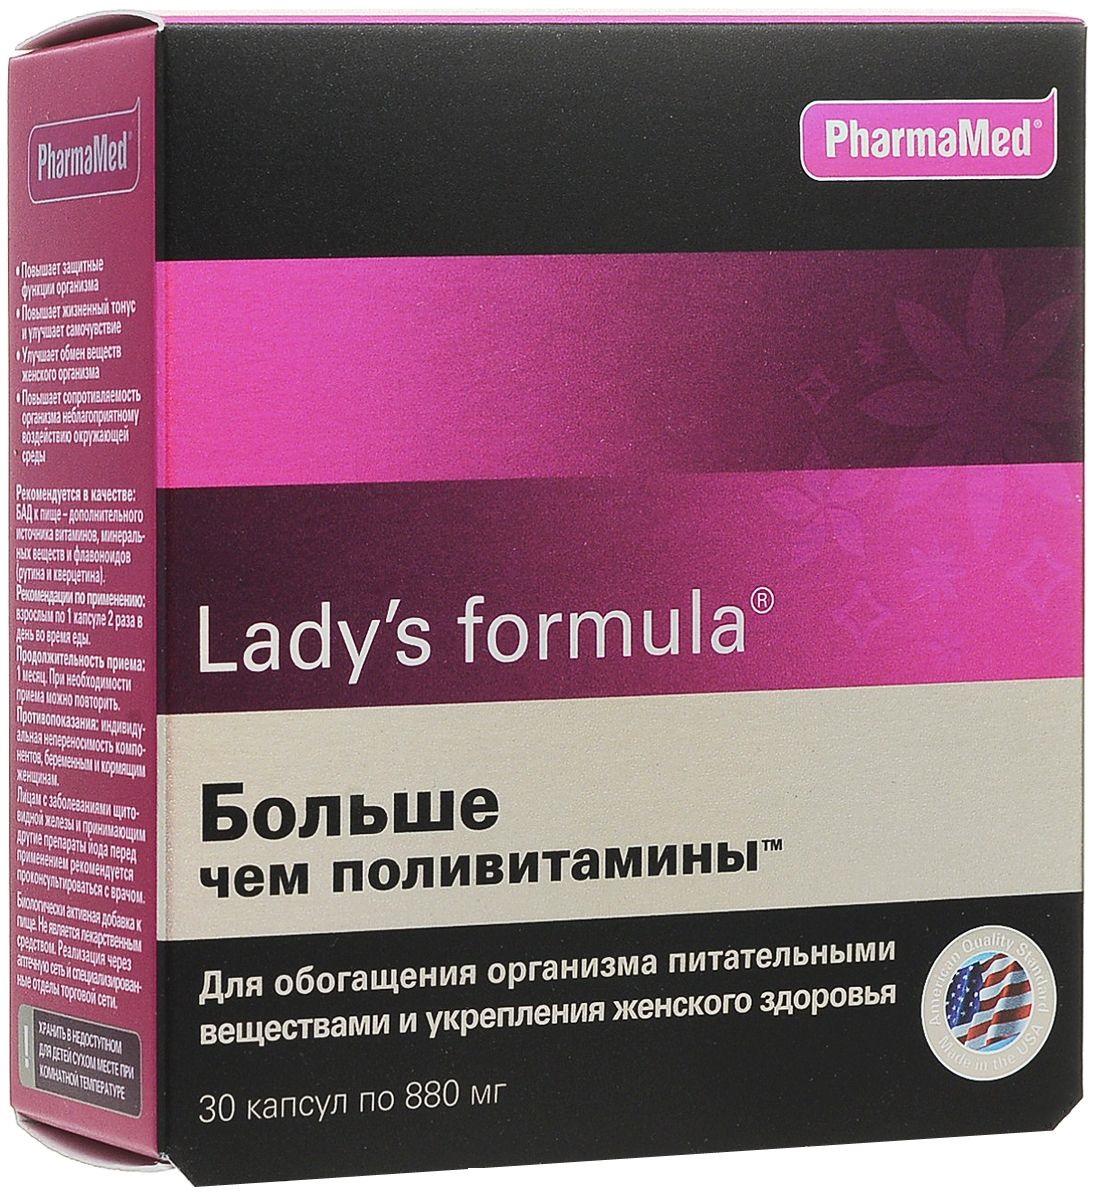 LADY'S FORMULA Больше чем поливитамины, капсулы 880 мг № 30